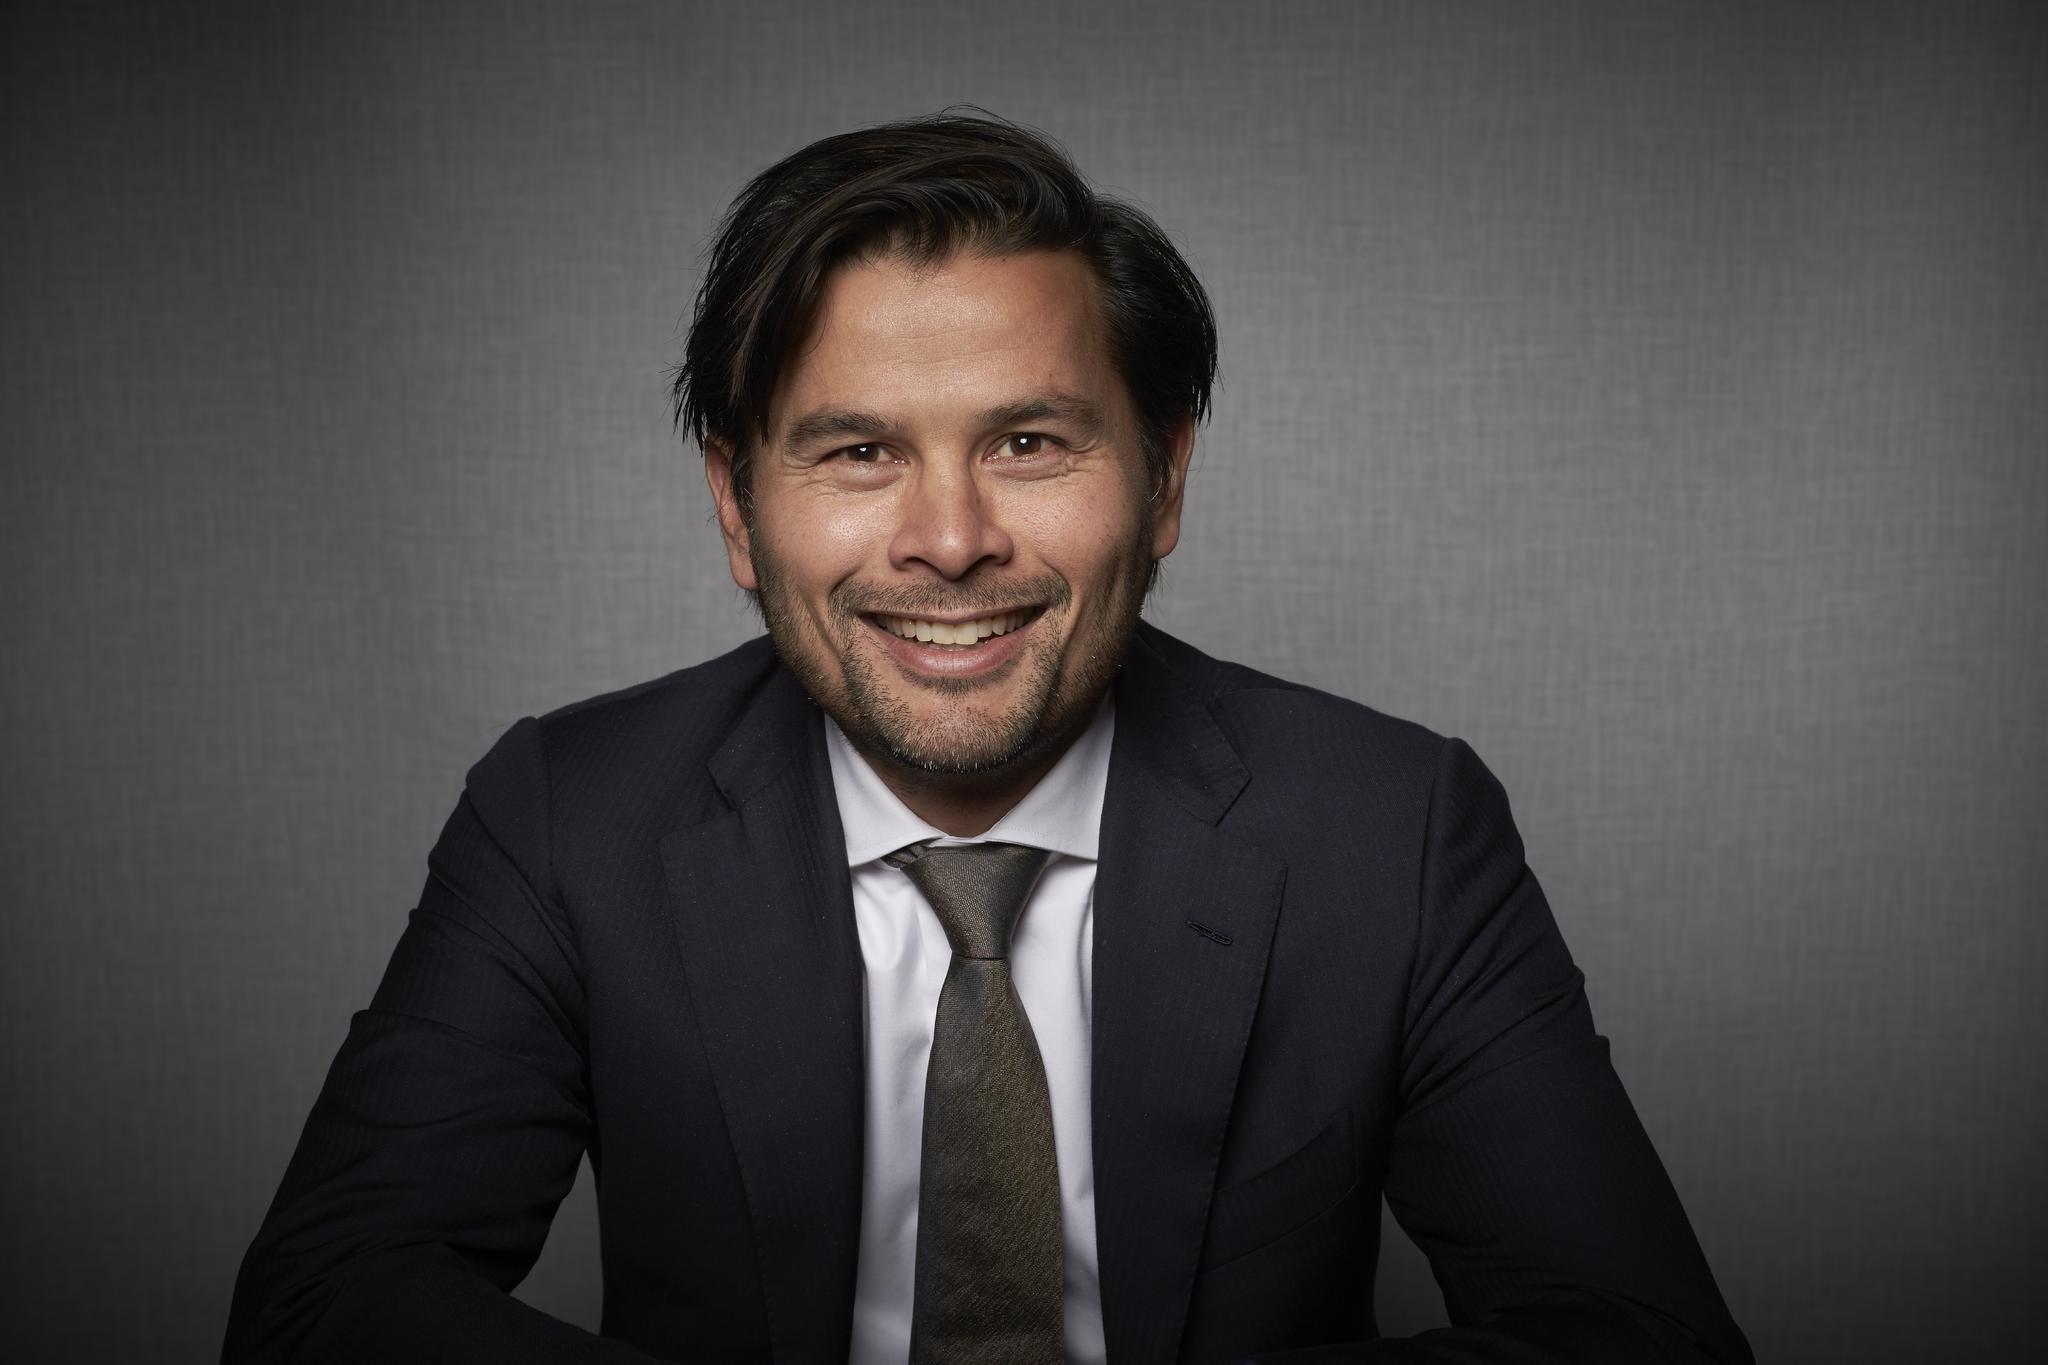 Martin Danoesastro